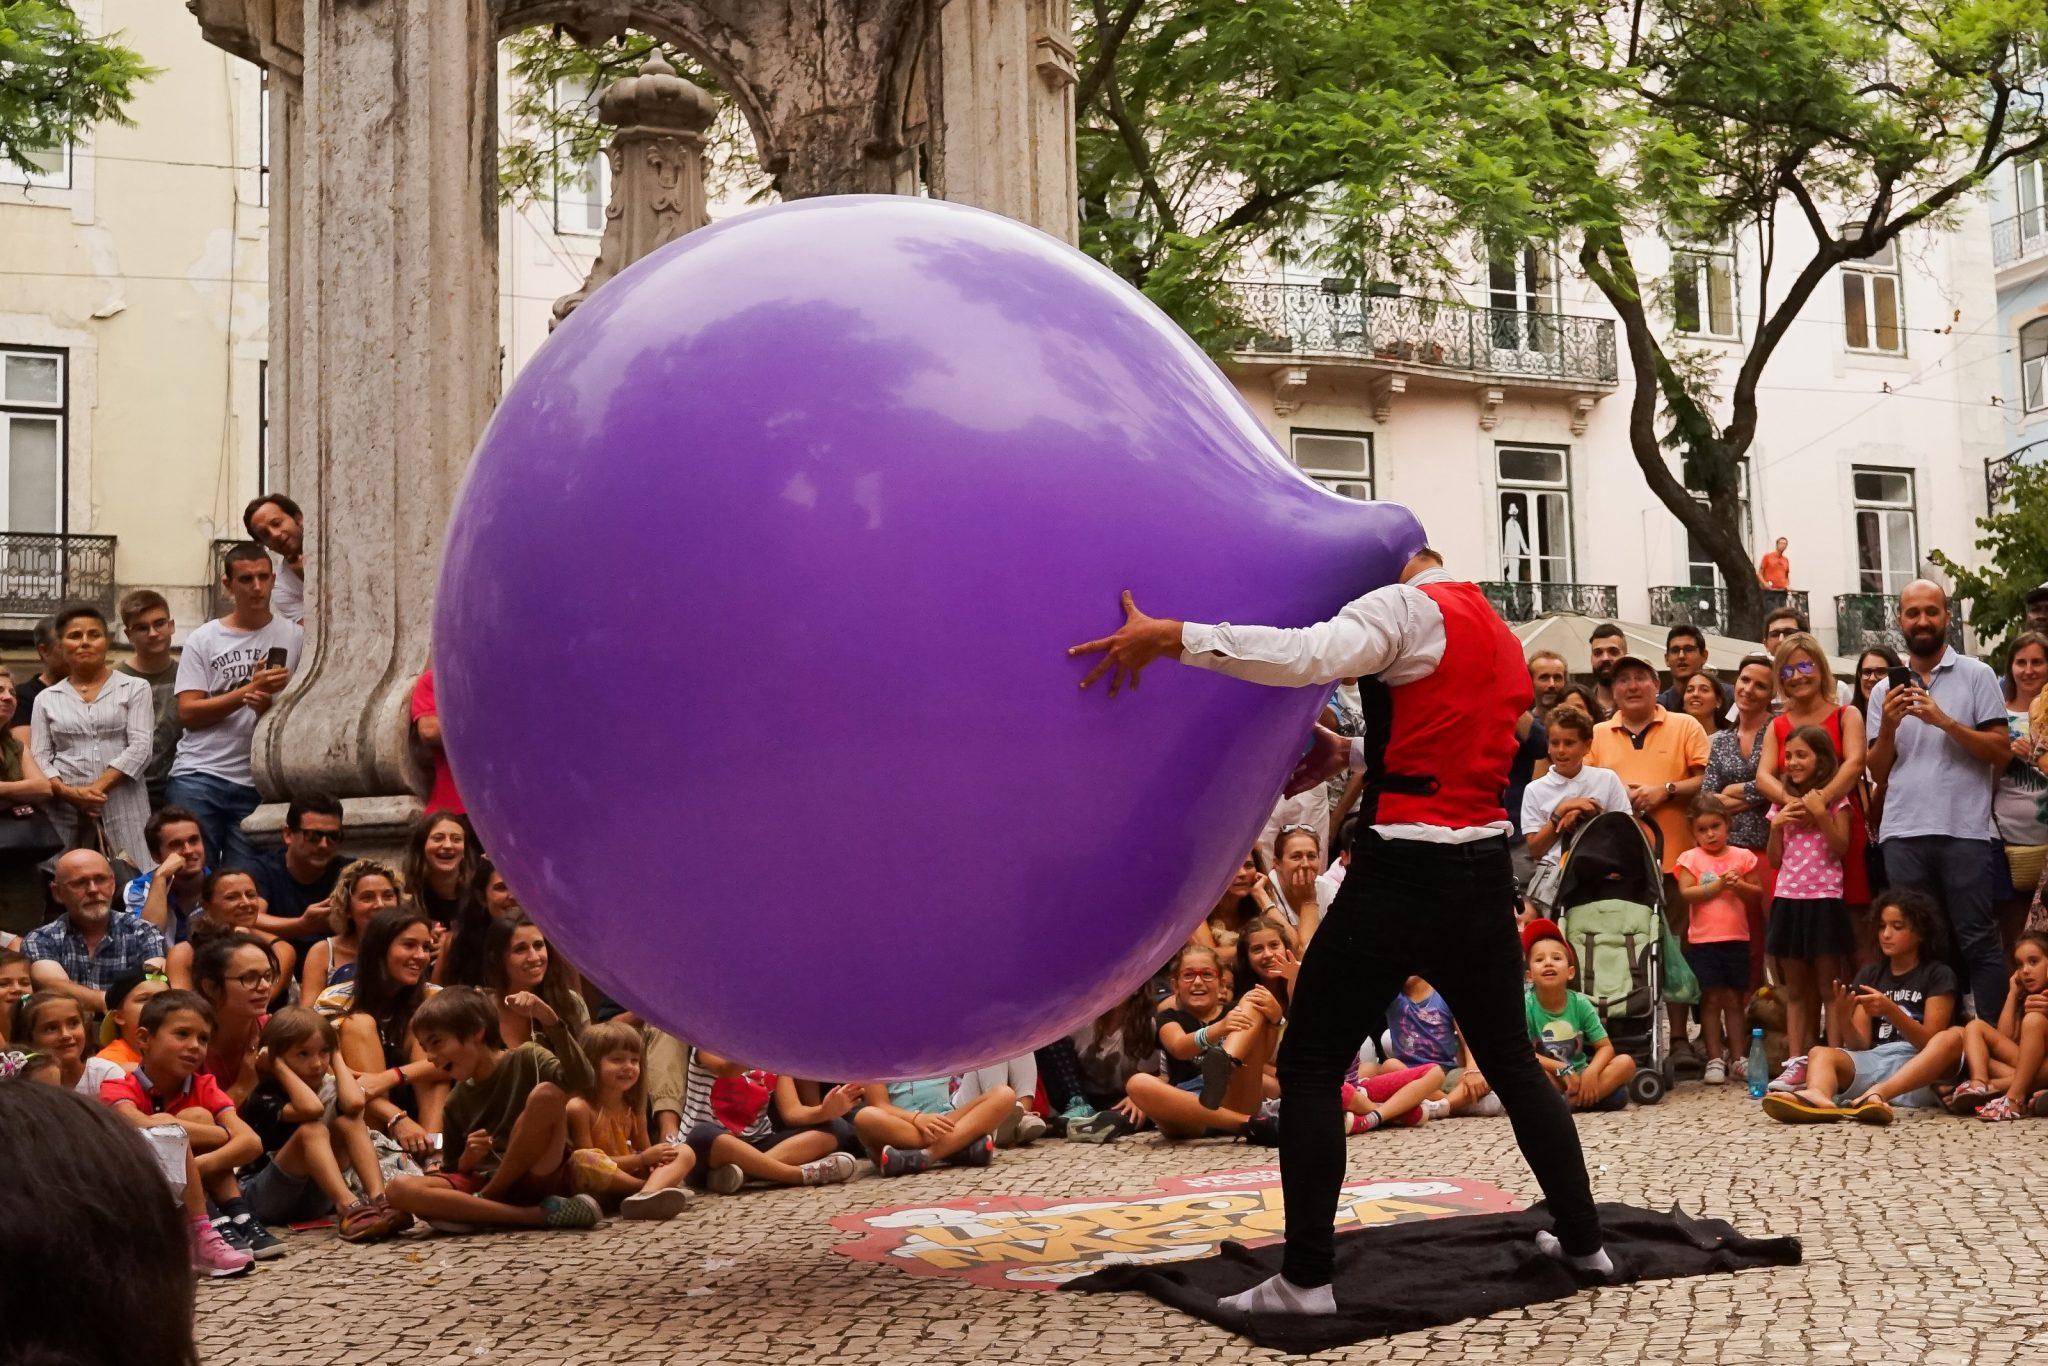 Um homem de pé, no centro de uma roda formada por pessoas sentadas, está com a cabeça dentro de um gigante balão de plástico.